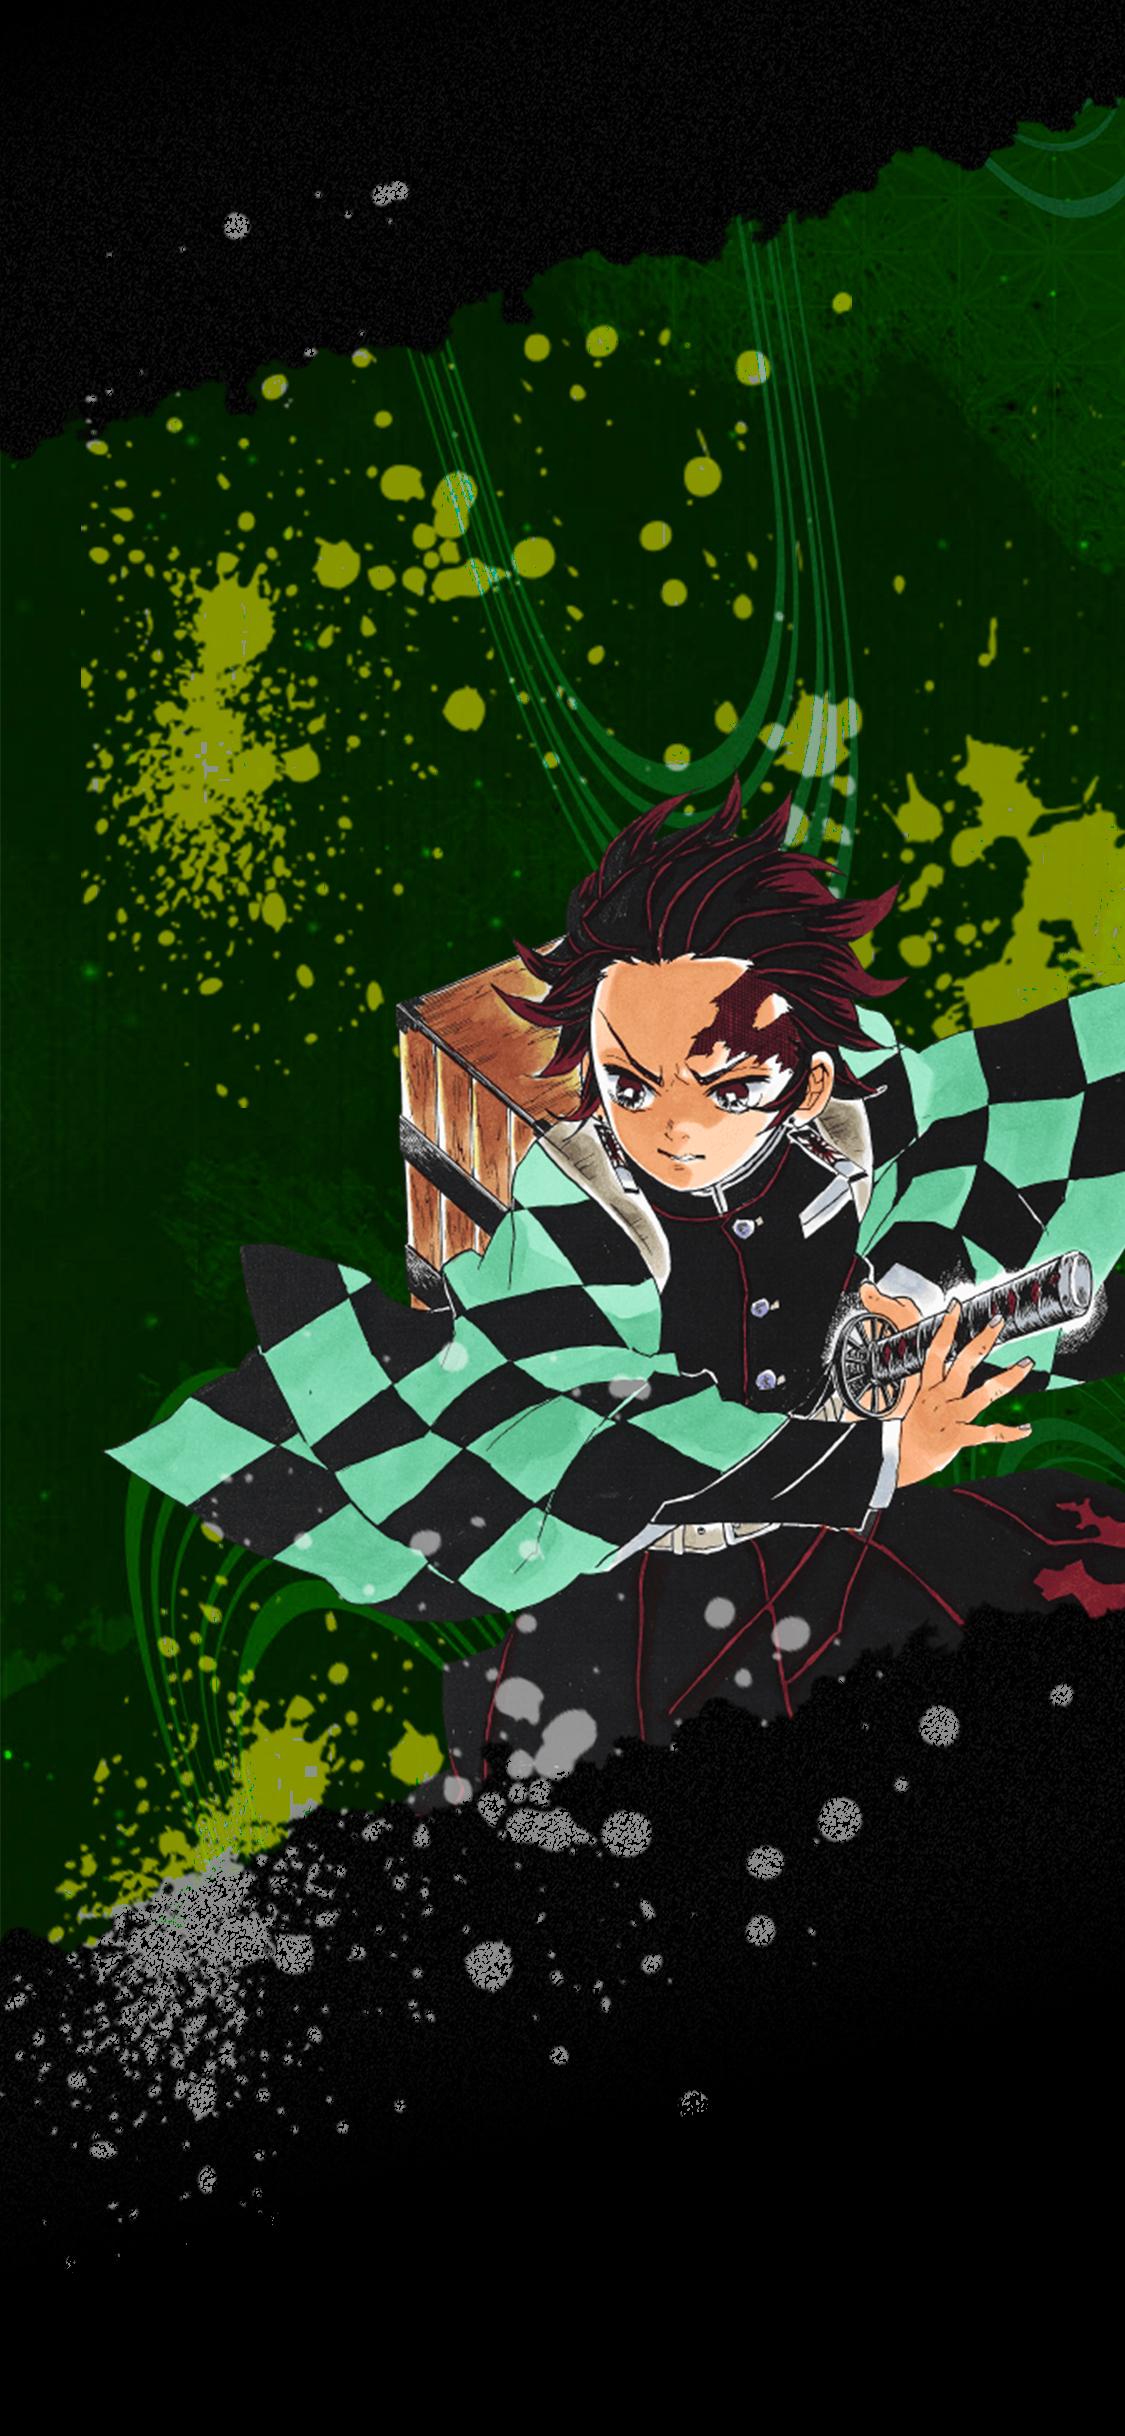 kimetunoyaiba_2436x1125_XS_07